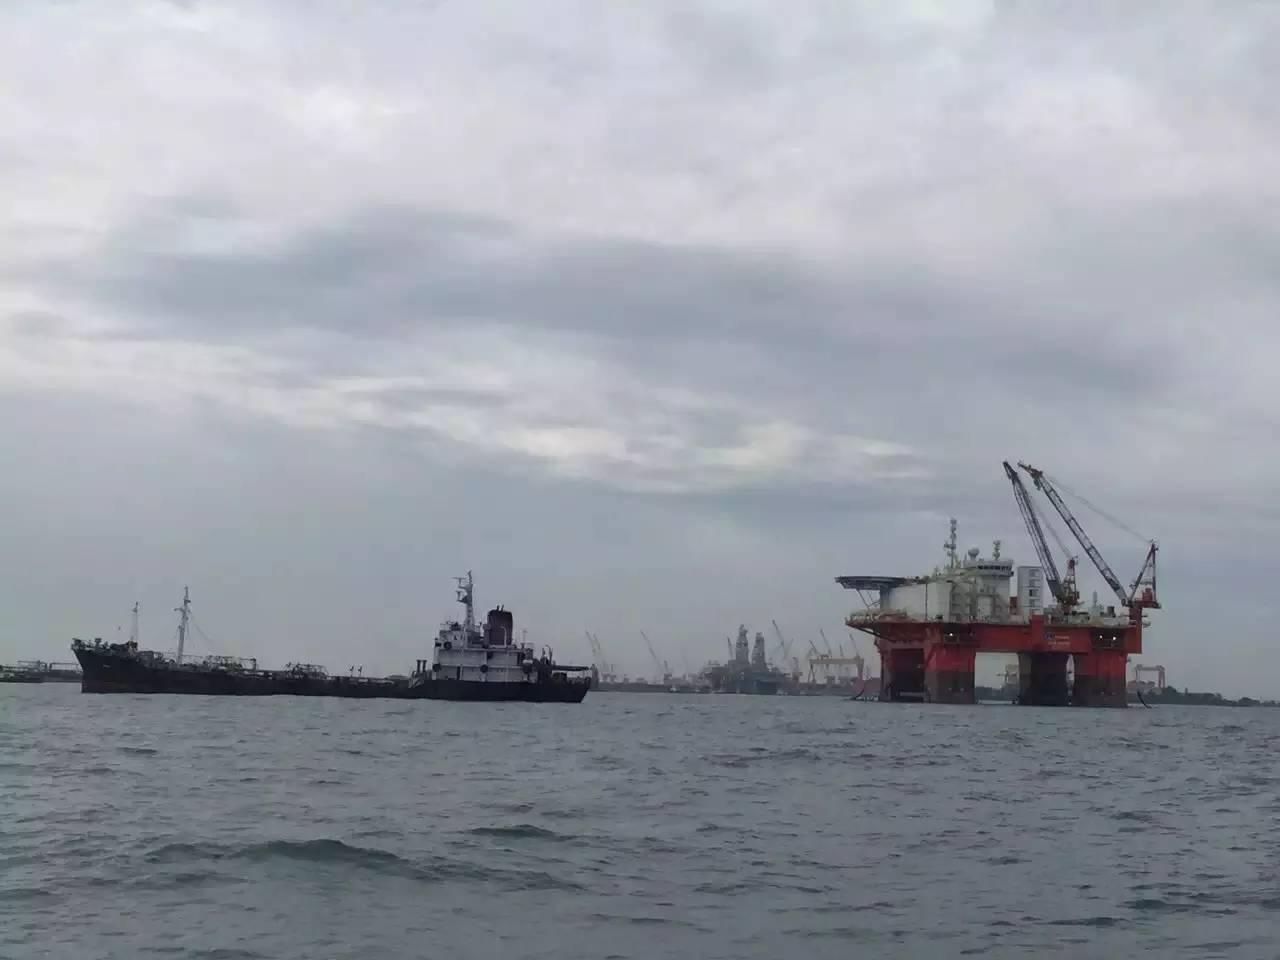 第二梦想号:马六甲海峡 dbd74fa1752c5929ec31548c9ee502e3.jpg